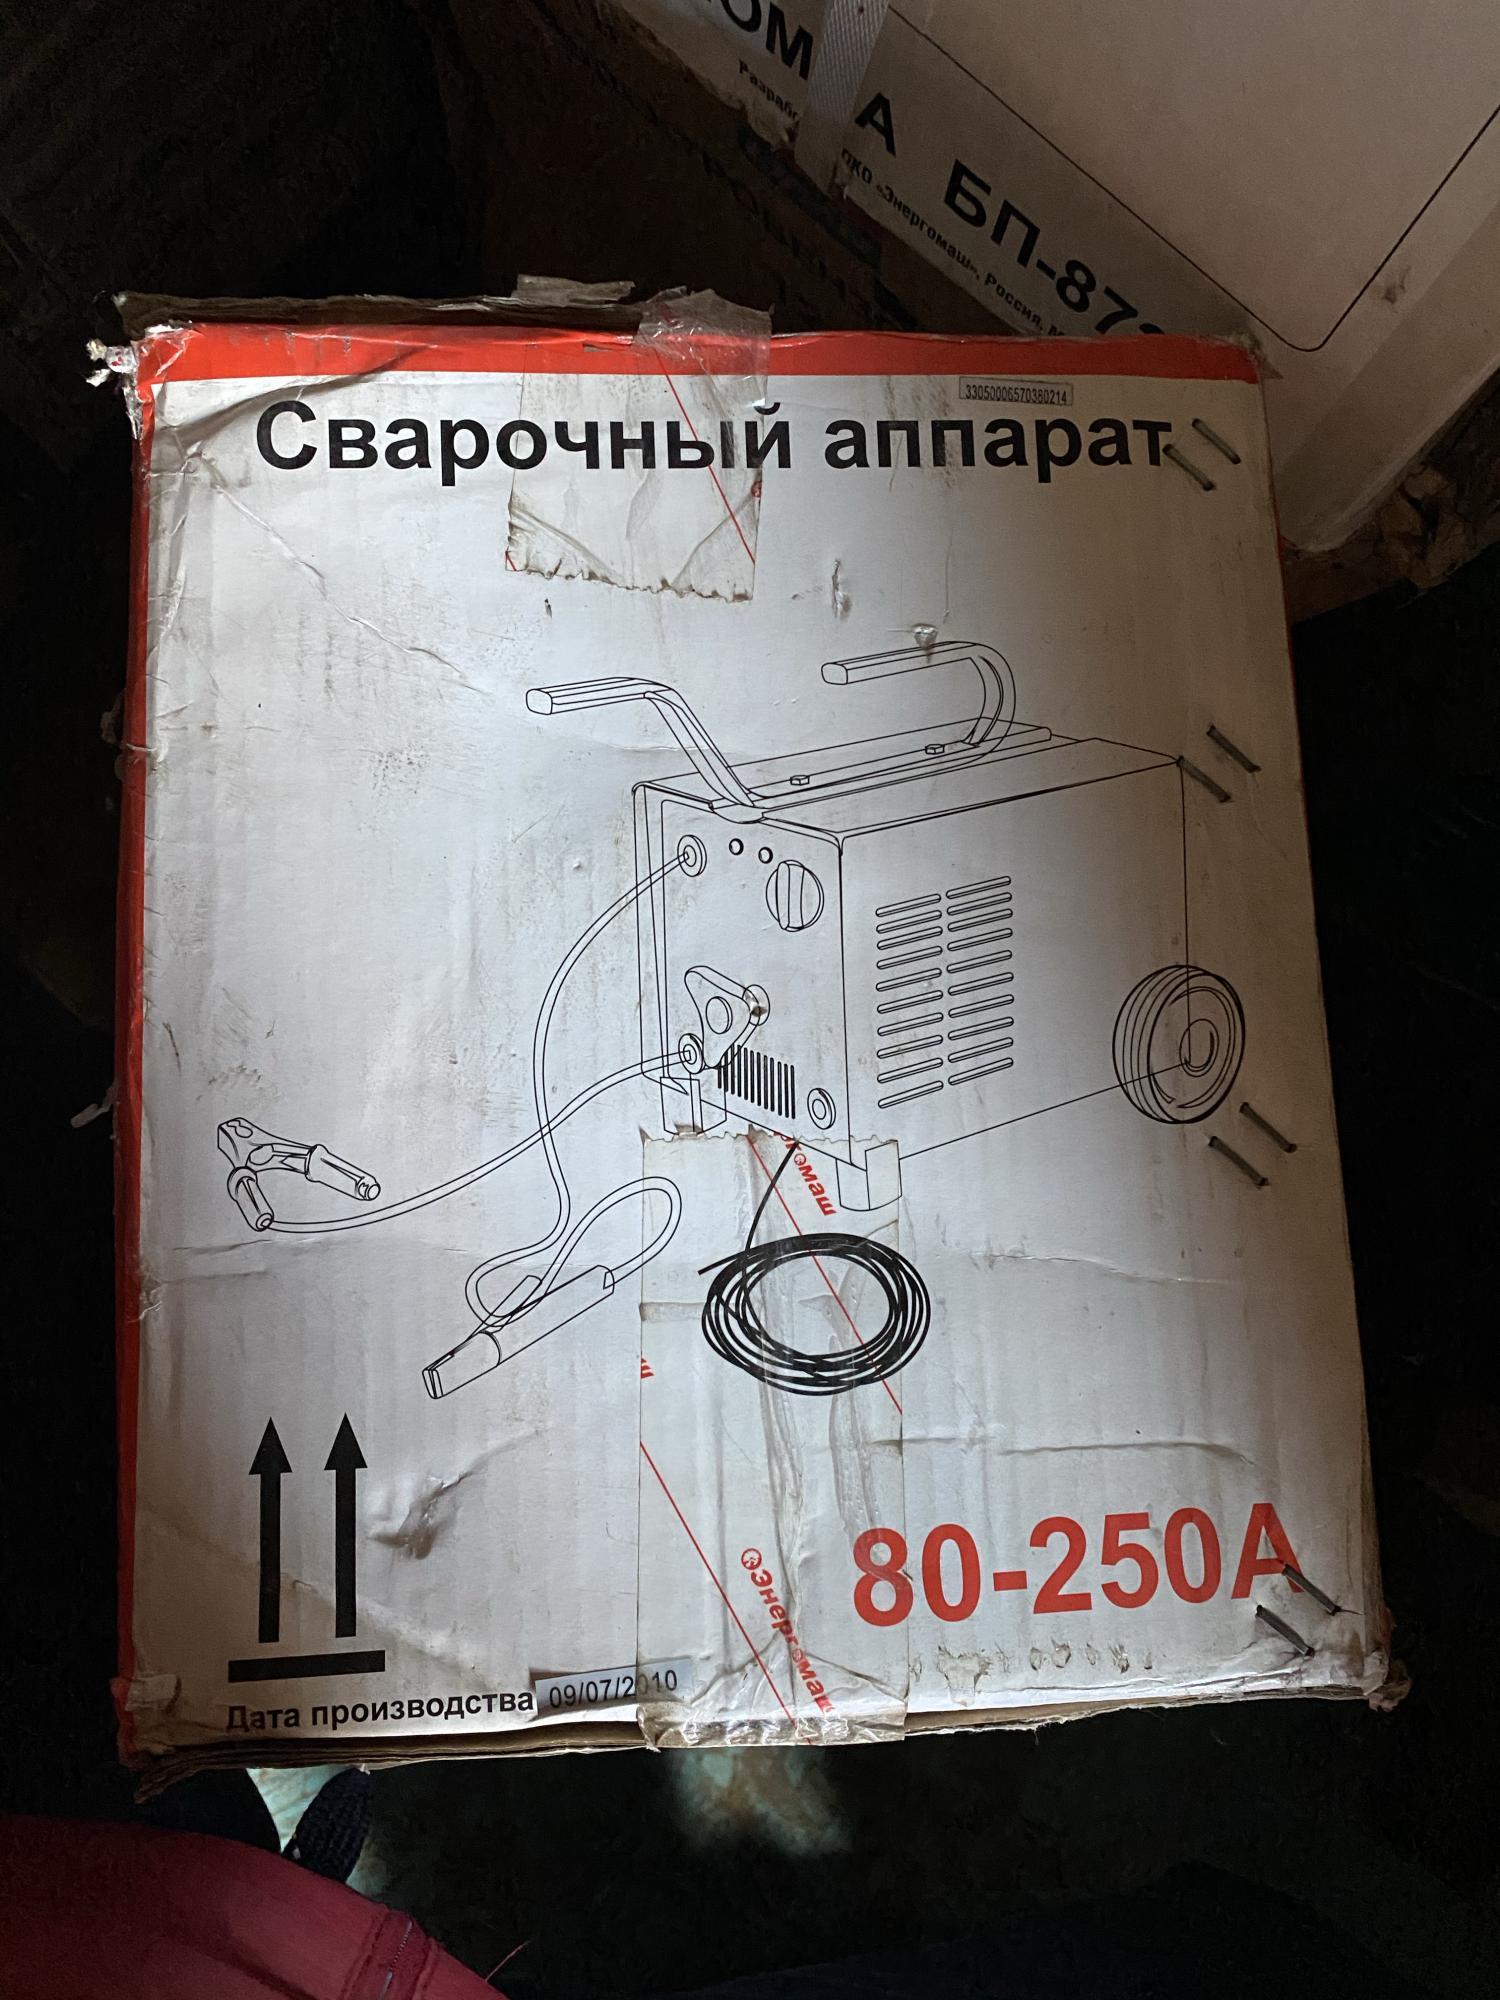 Сварочный аппарат Энергомаш 250А в Подольске 89037494242 купить 1